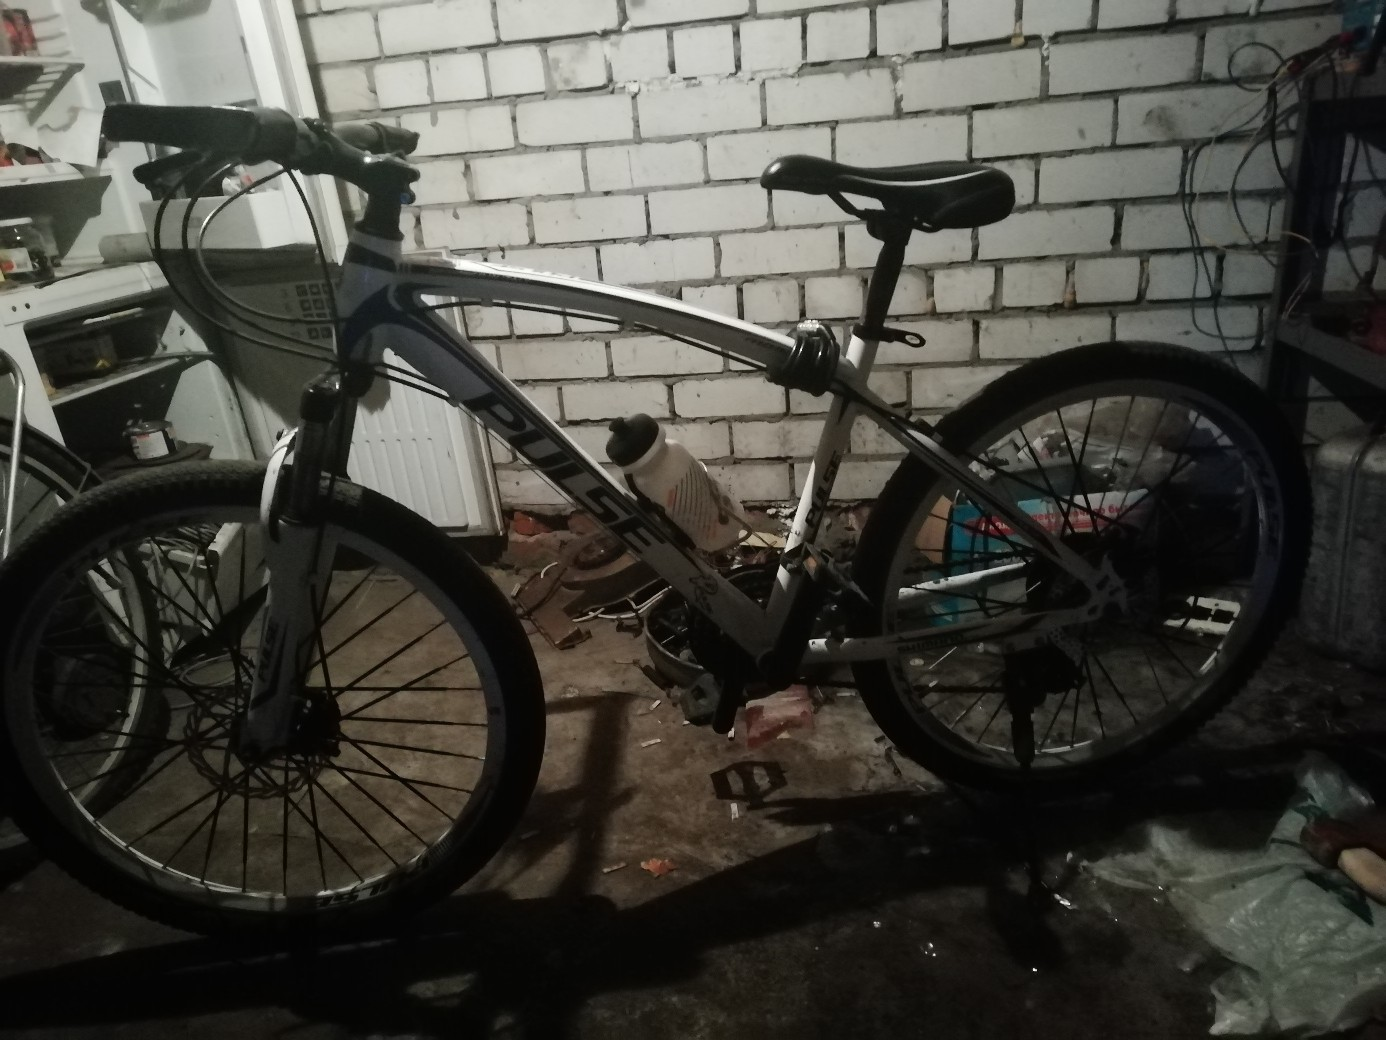 Продам велосипед пульс в отличном состоянии как новый покупал его 1 мая 2018 года брал за 18500 за всеми подробностями писать в лс рама сделана из стали